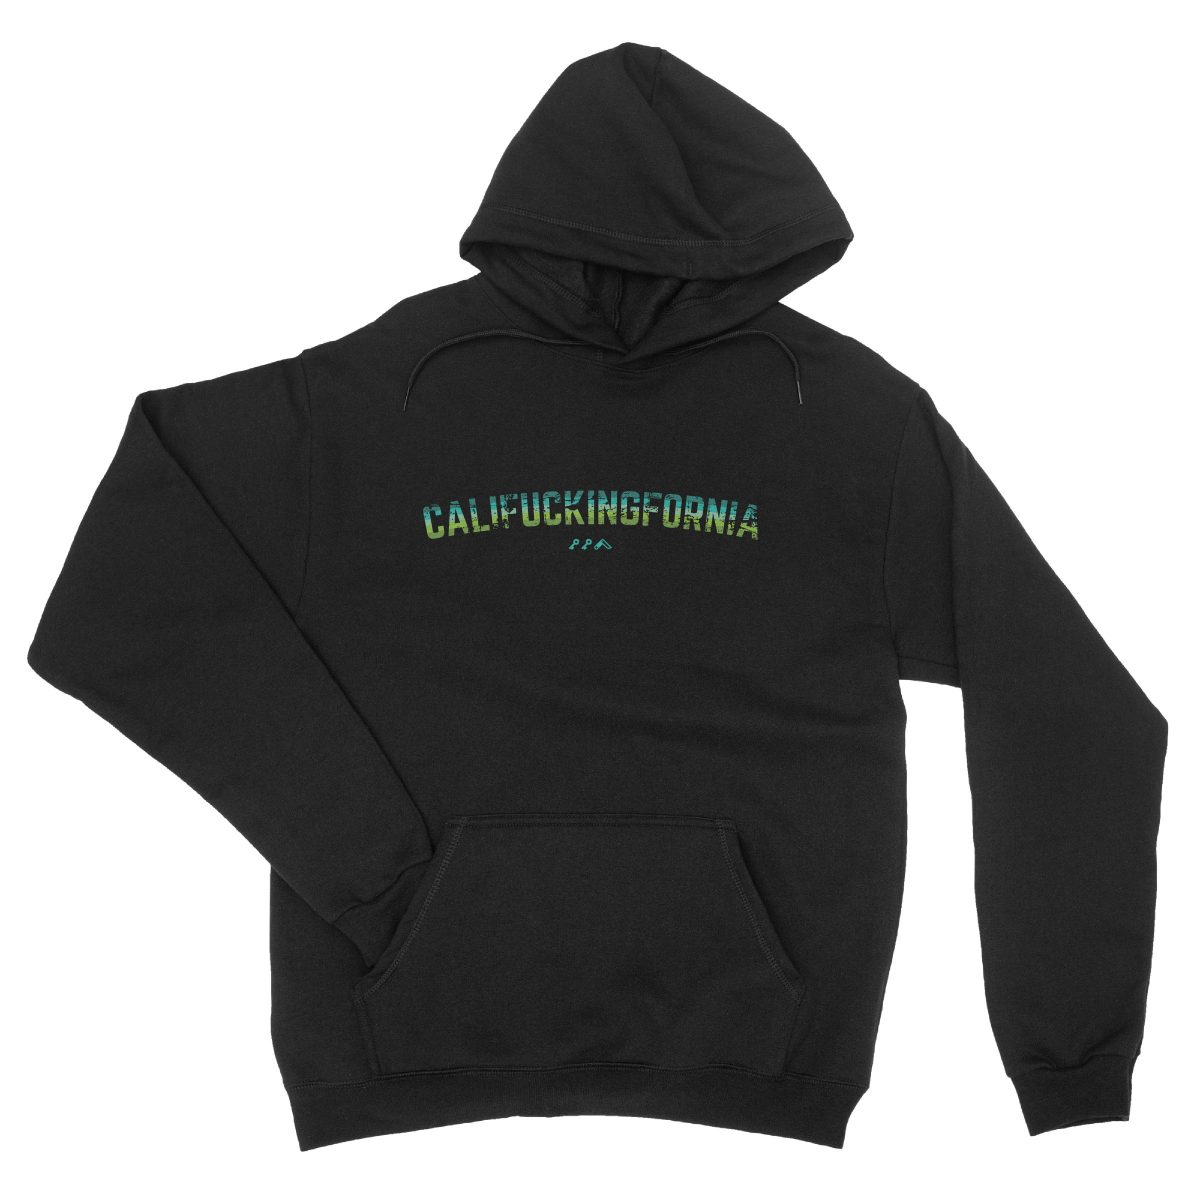 califuckingfornia 90s design retro hoodie in black by kikicutt sweatshirt store